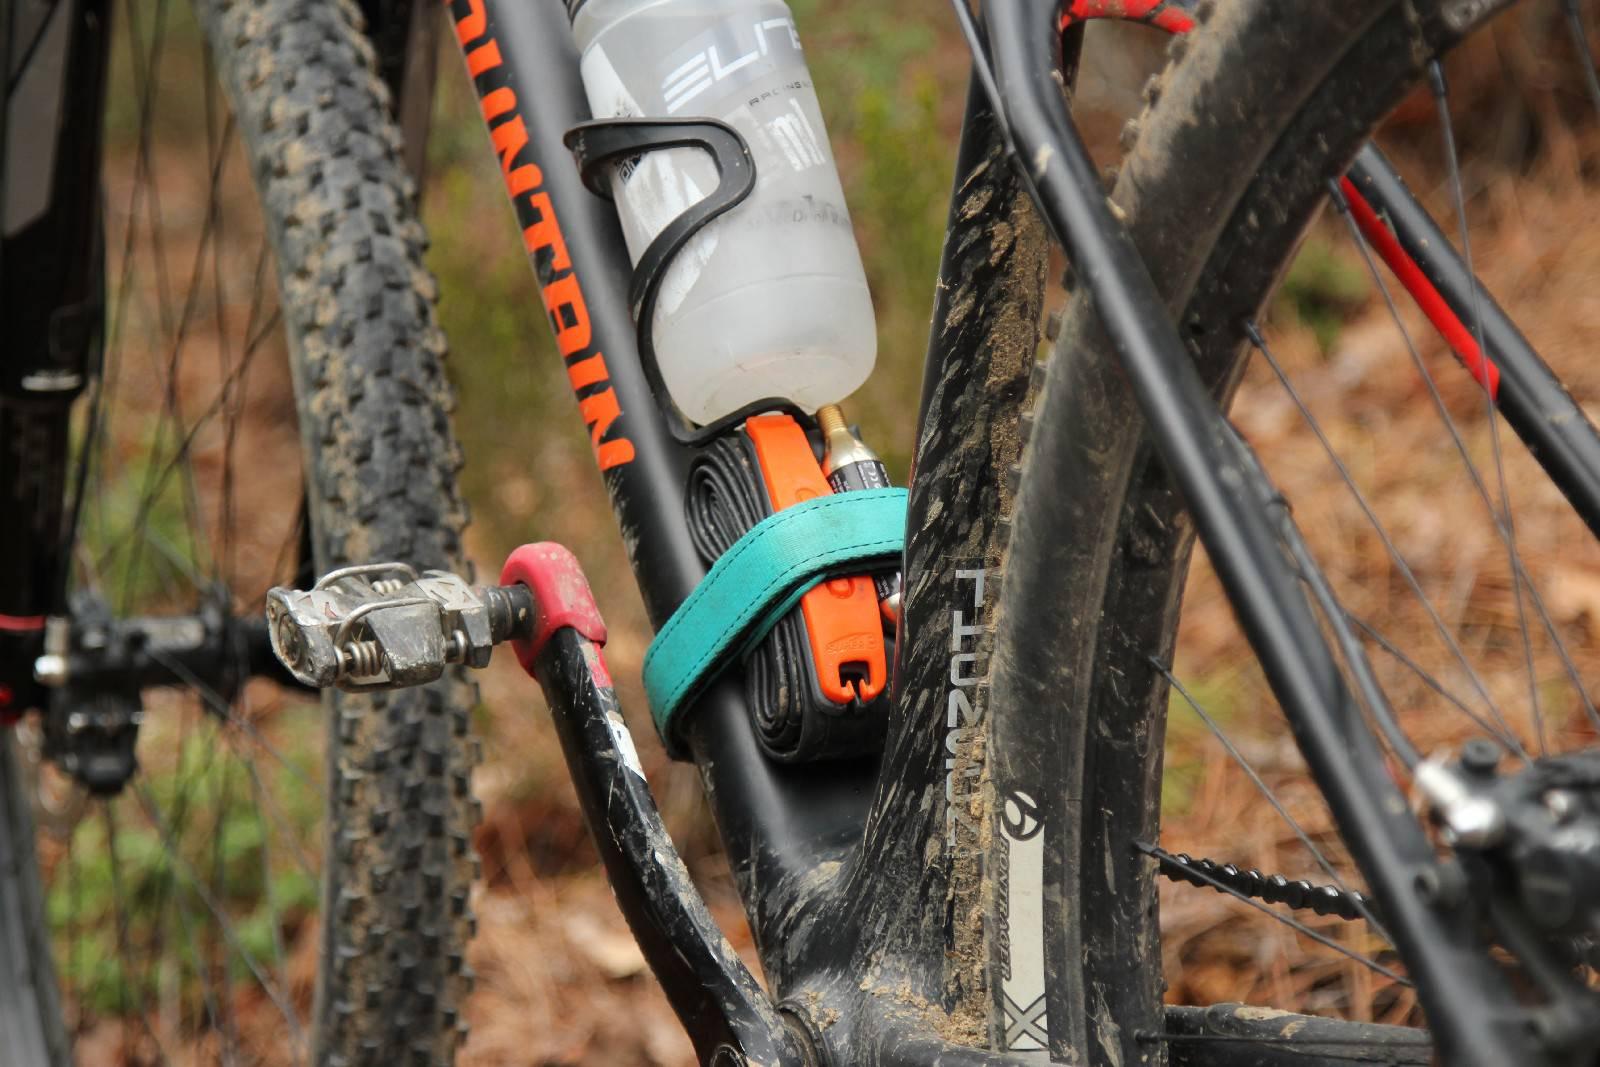 È meglio assicurare nella parte bassa del telaio eventuali tools o accessori supplementari in modo da mantenere basso il baricentro della bike. Ph Davide Ferrigno